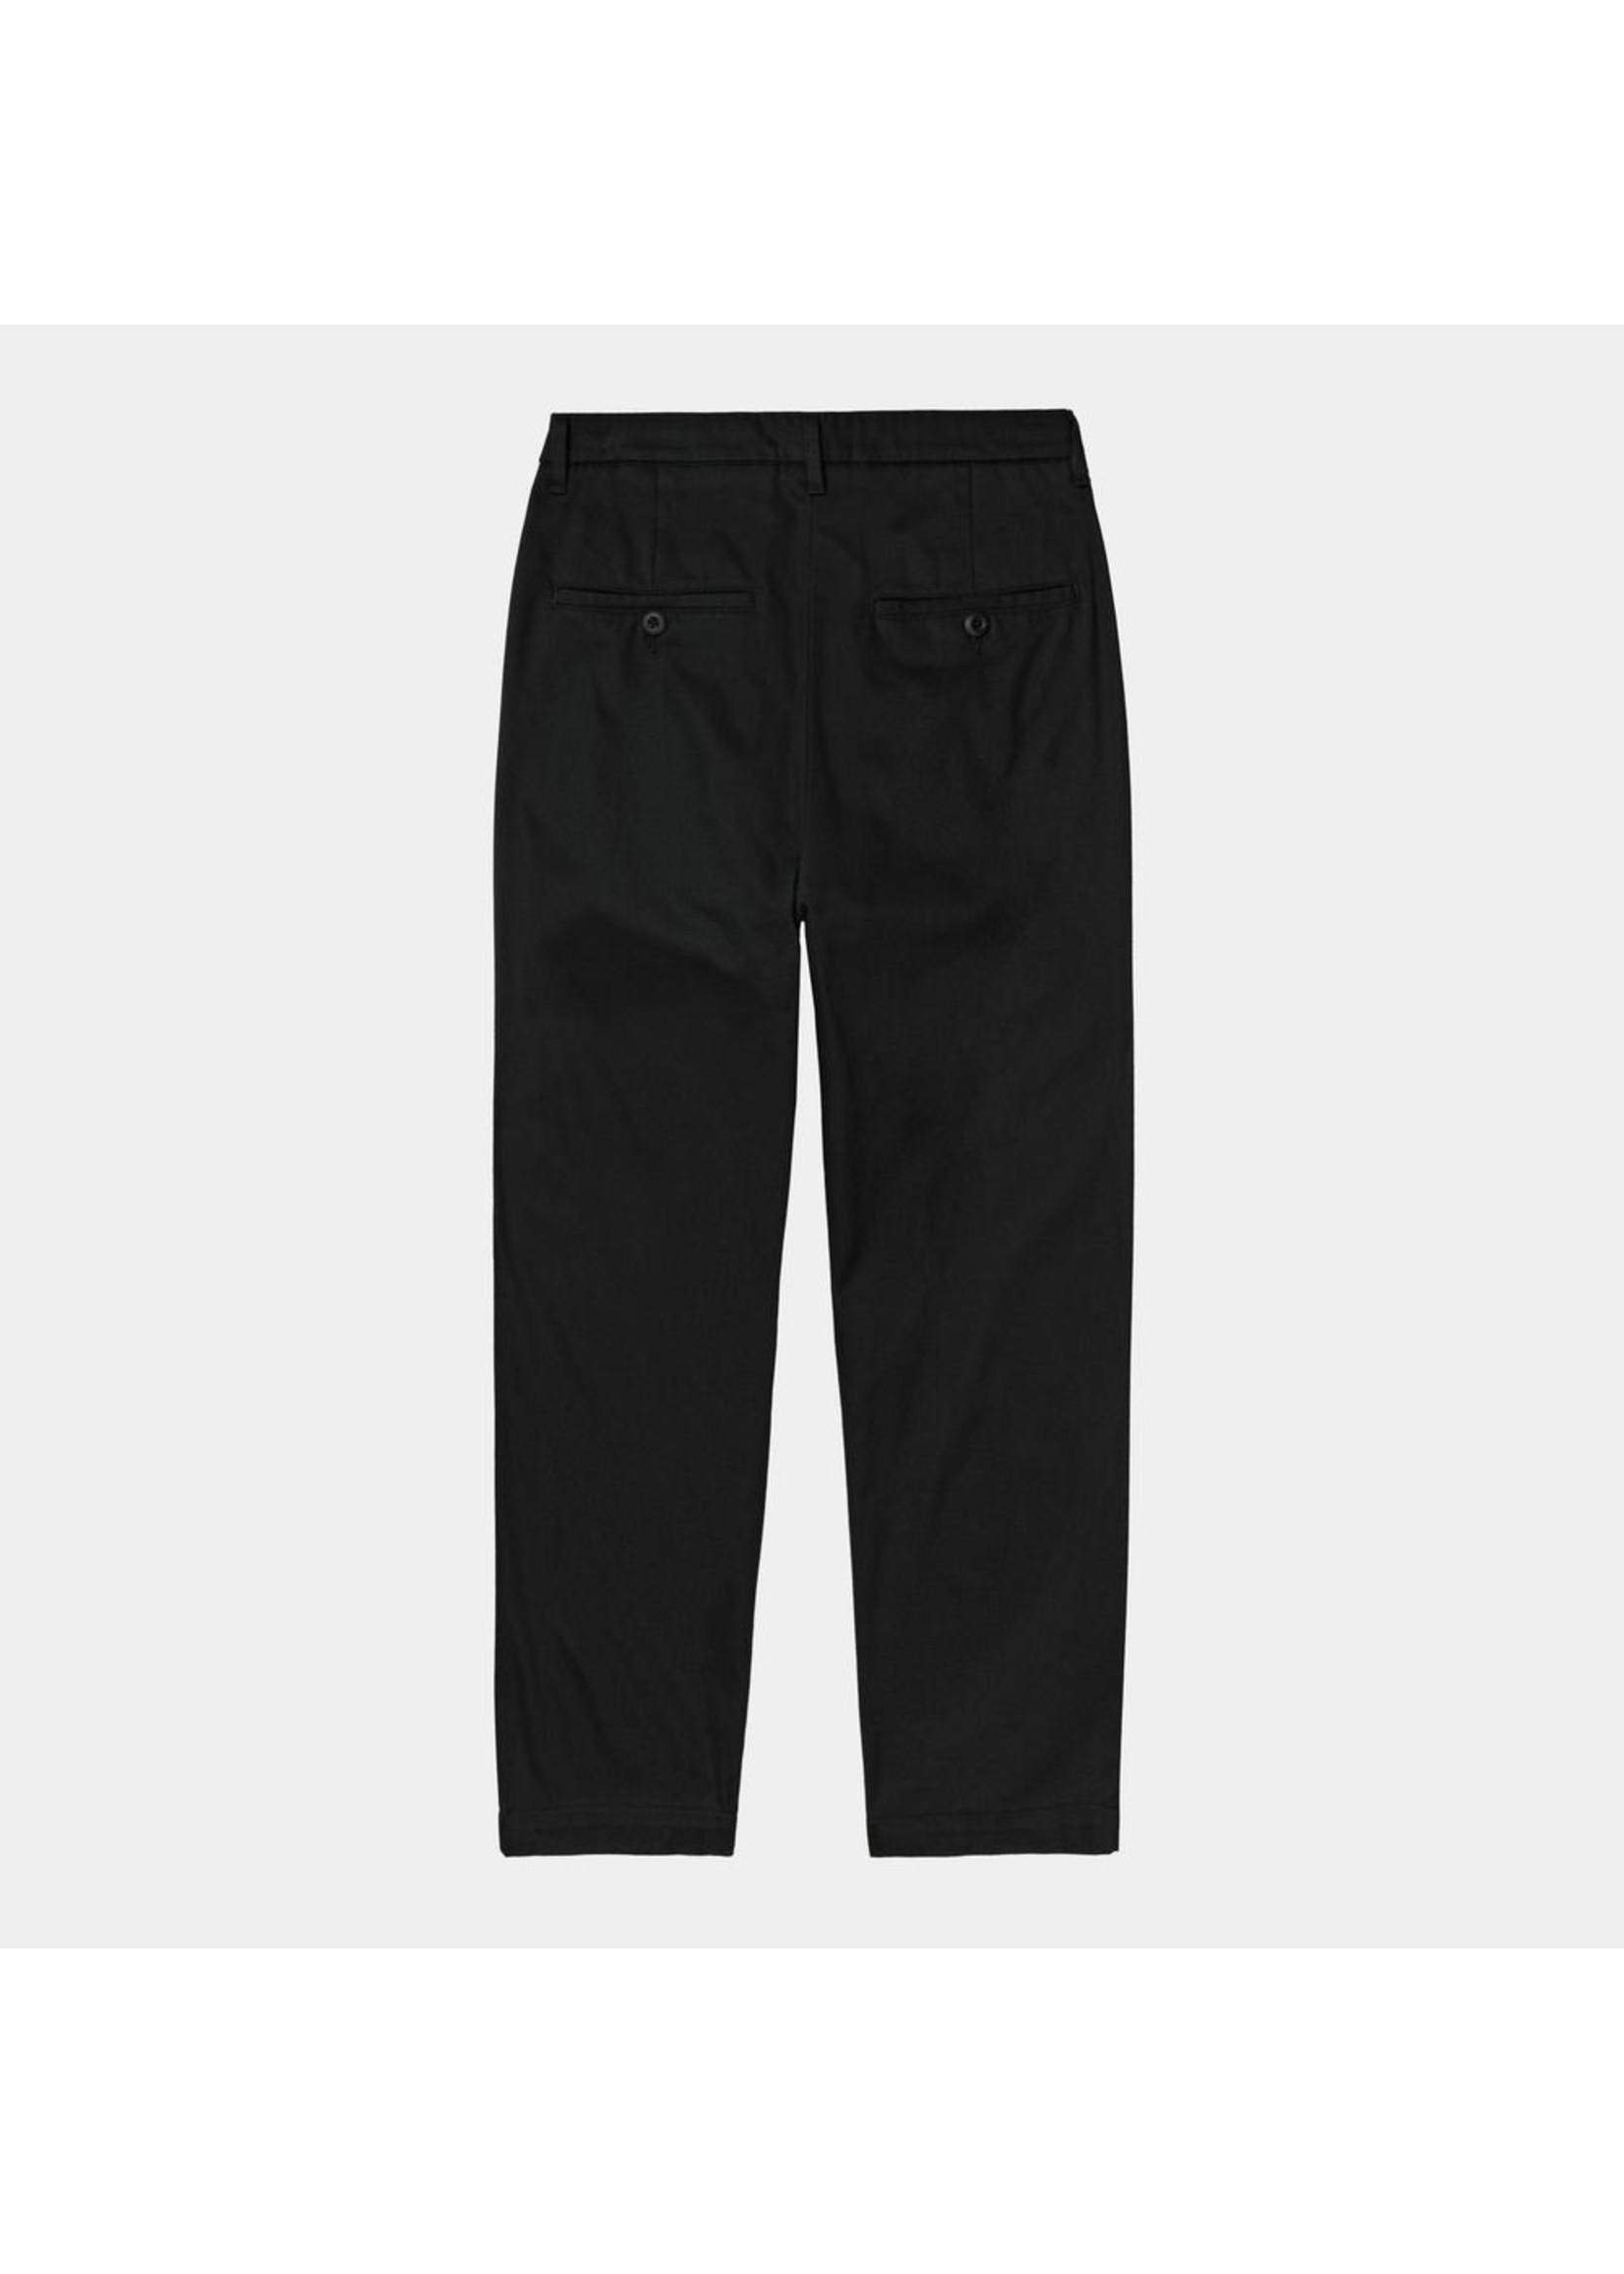 Carhartt Work In Progress Cara Pant Black Rinsed